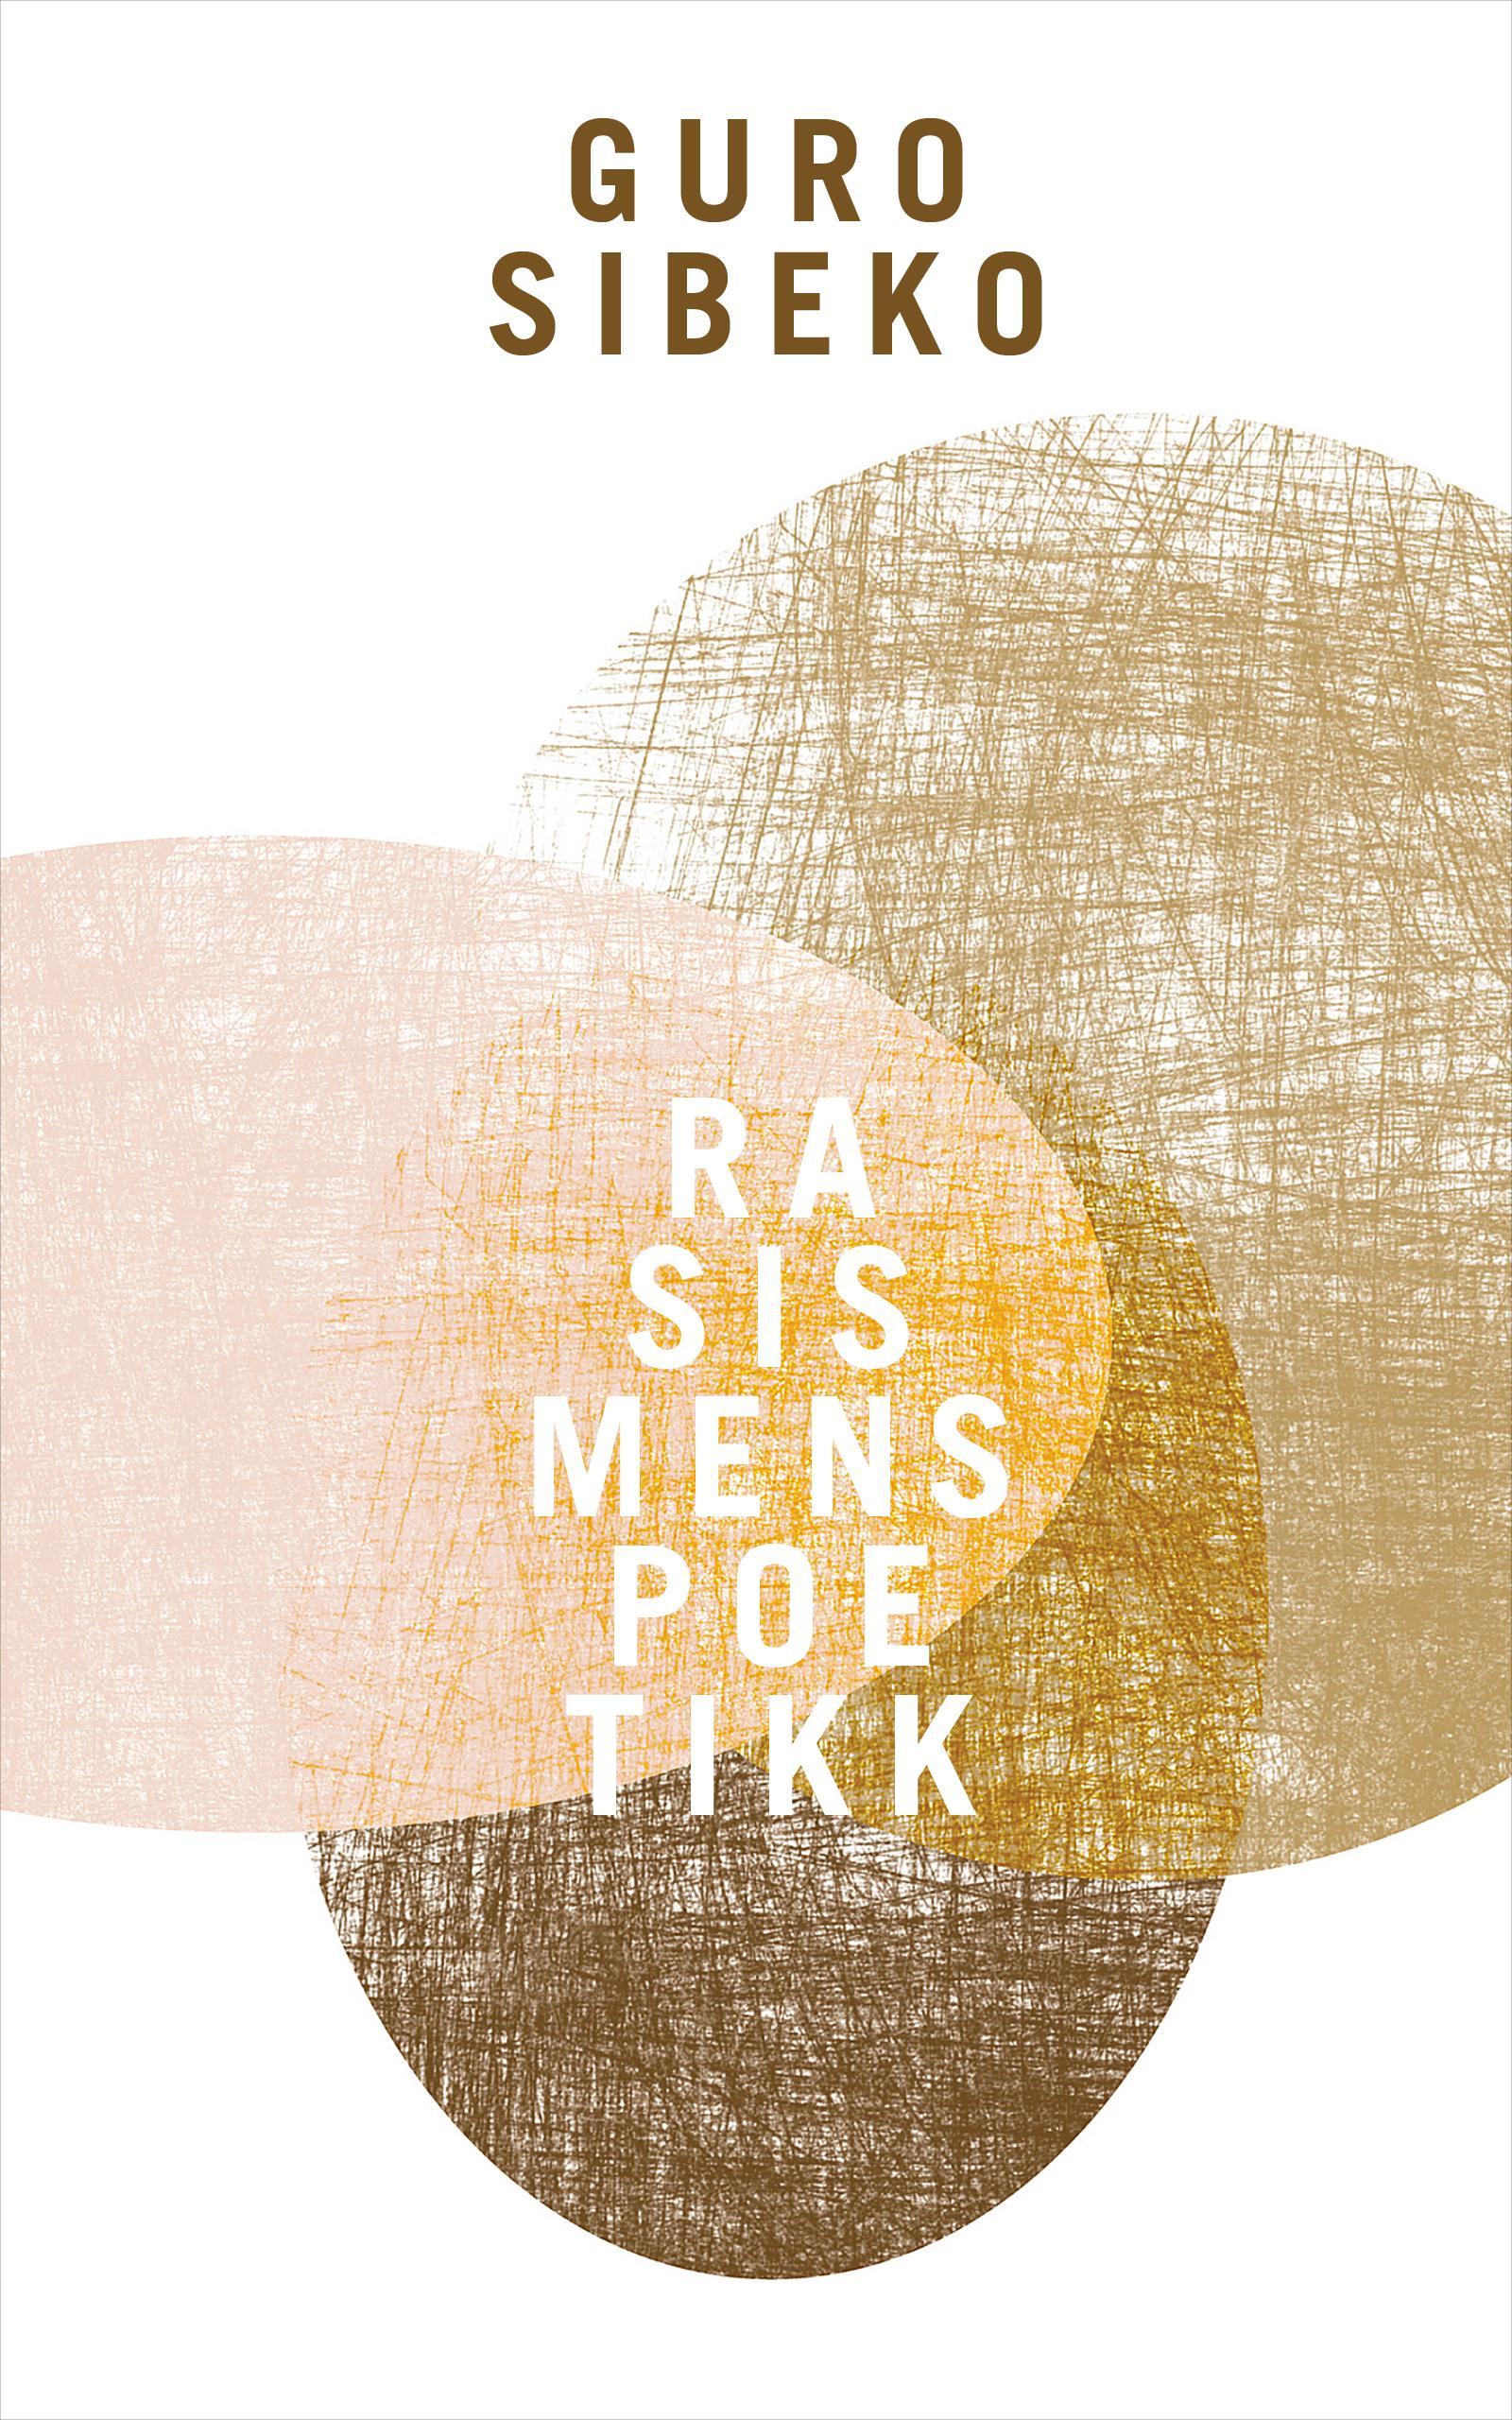 """""""Rasismens poetikk"""" av Guro Sibeko"""